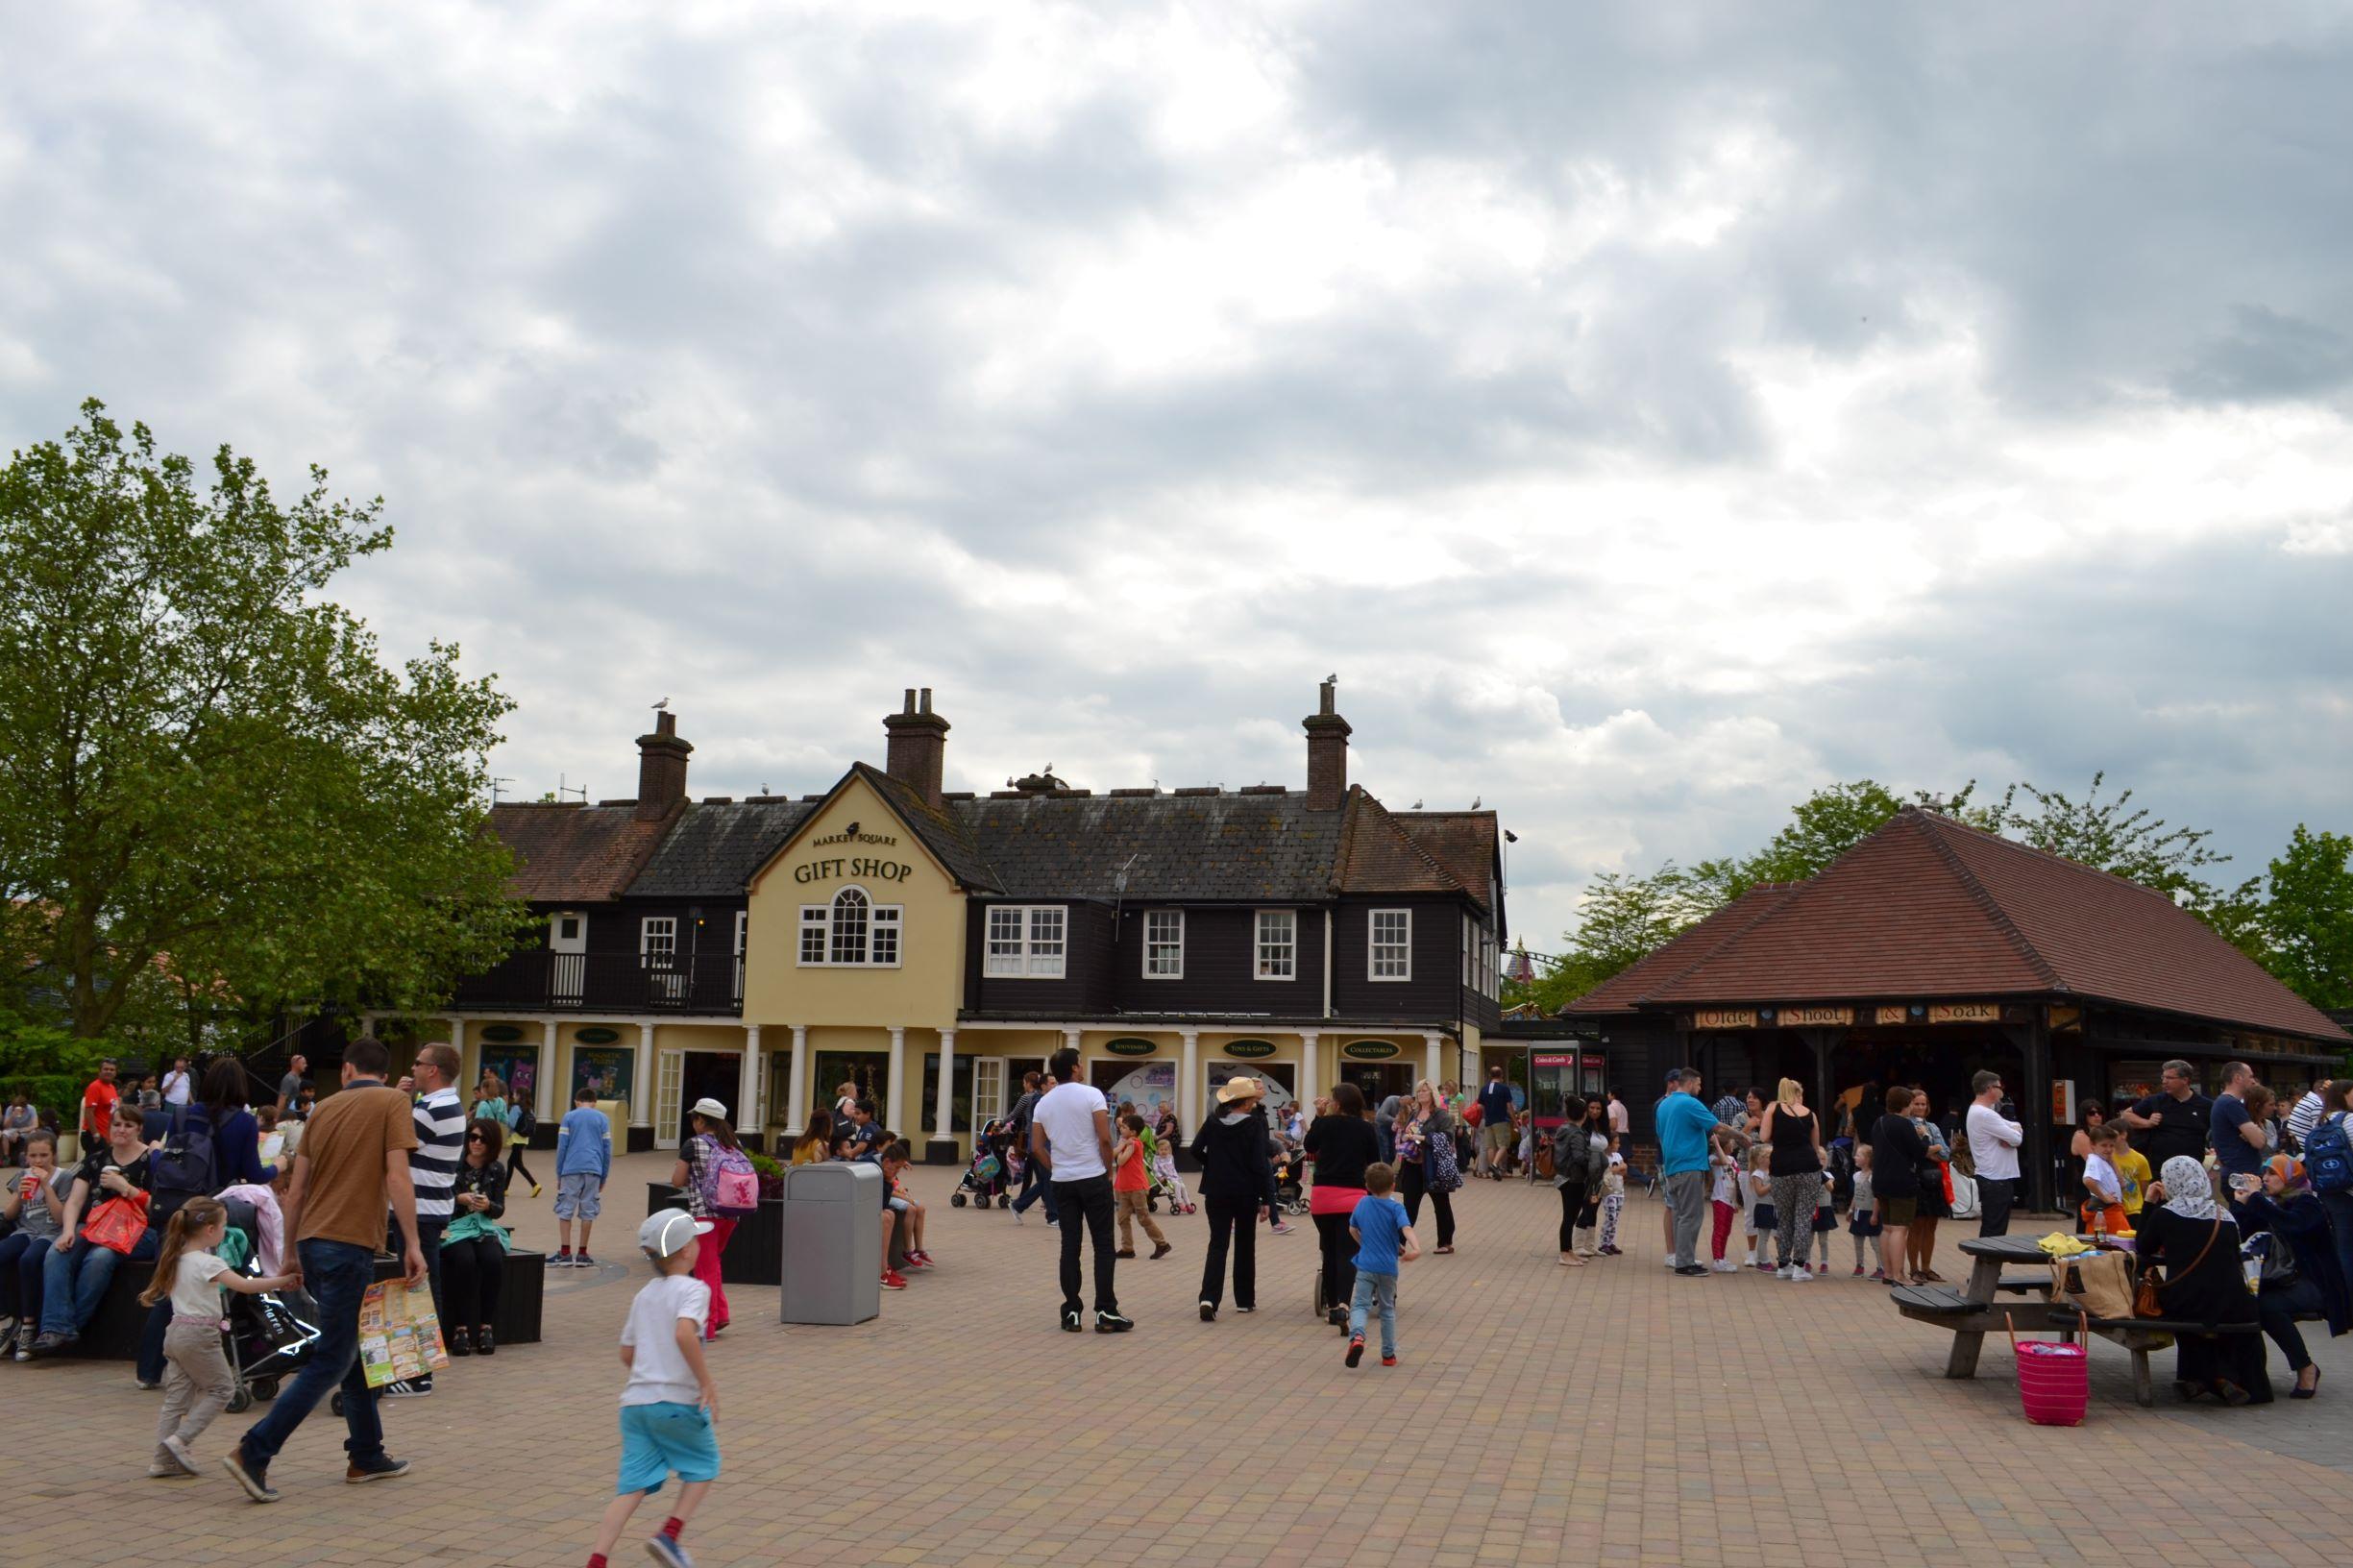 egy csomó hasonló tematikus kis terecske található a parkban, ahol enni, inni, vásárolni lehet